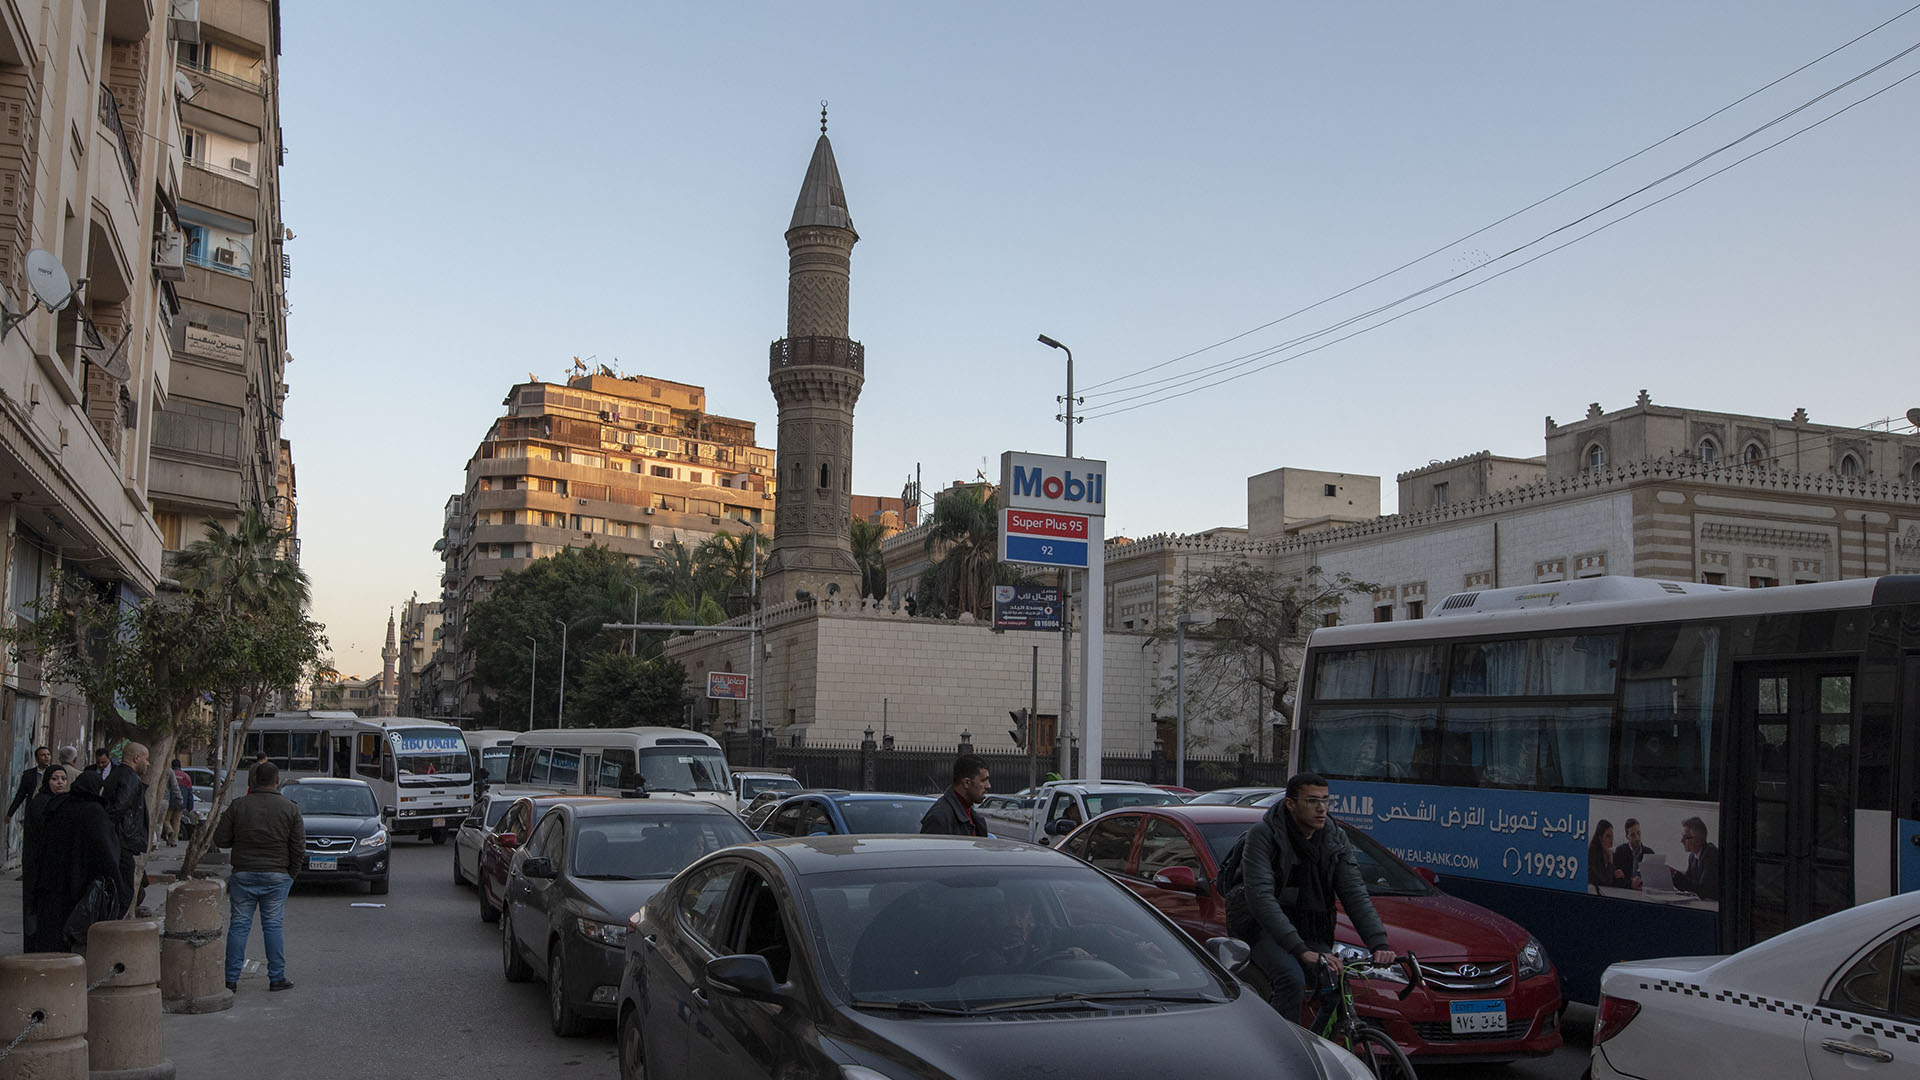 20190111 Cairo 019